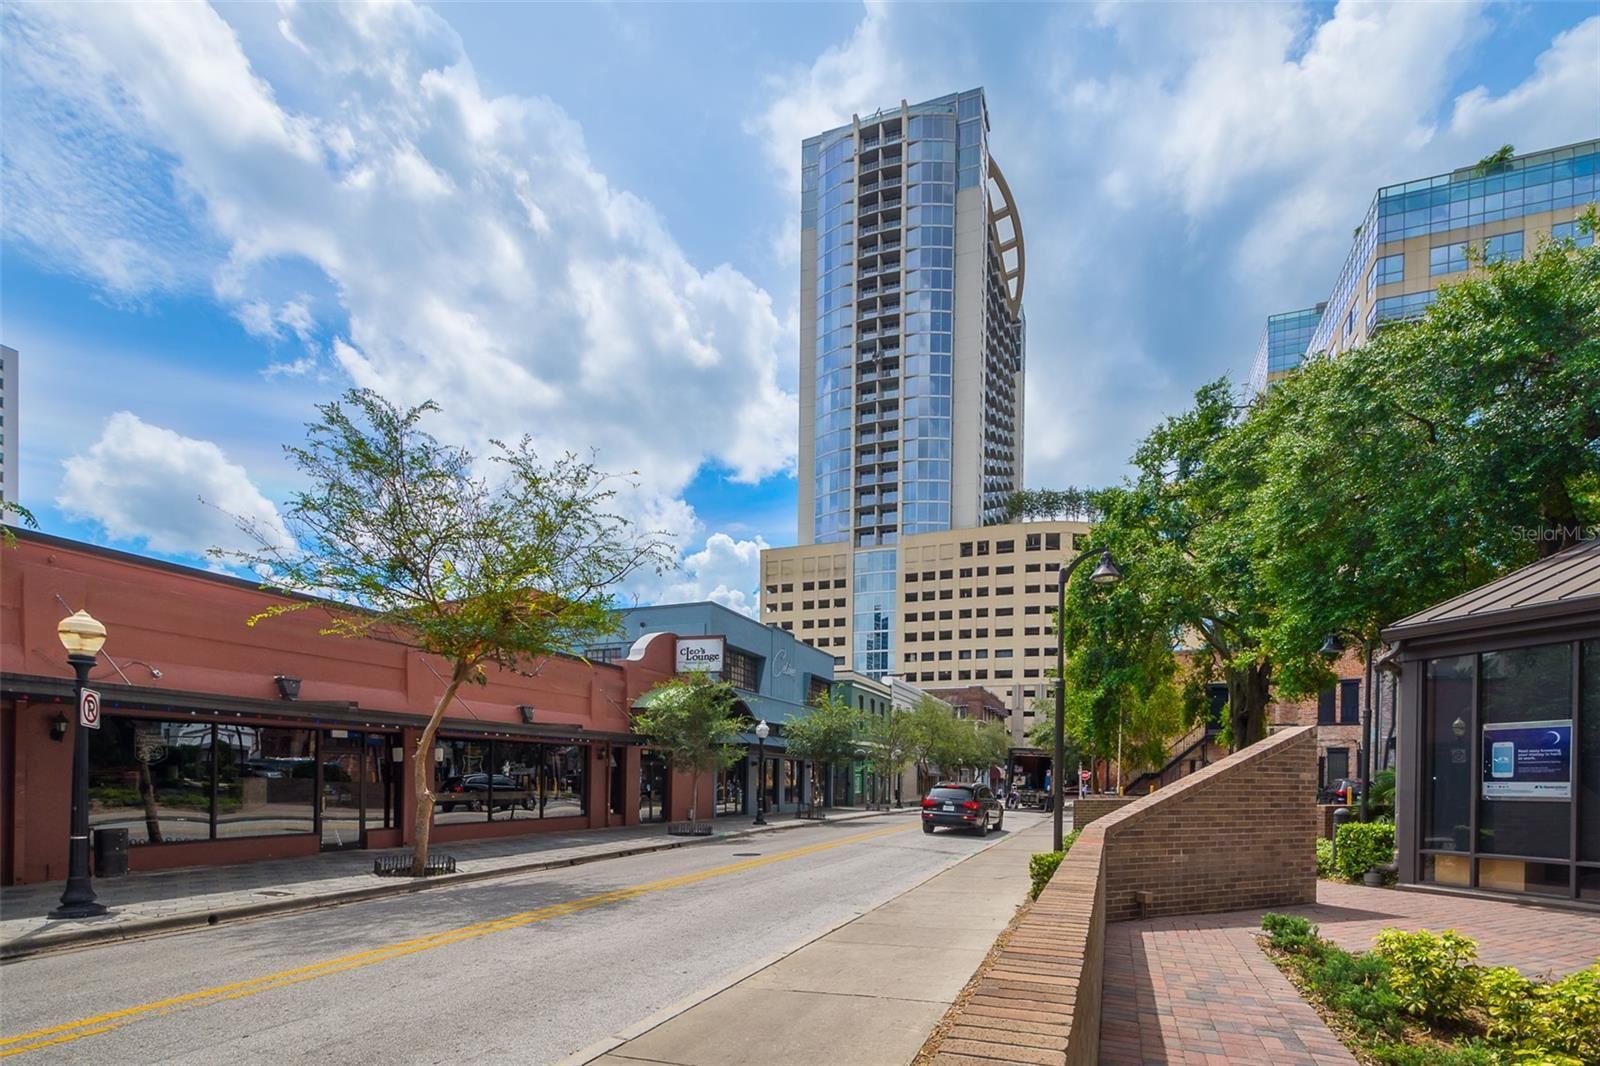 155 S COURT AVENUE #2210, Orlando, FL 32801 - #: O5953046